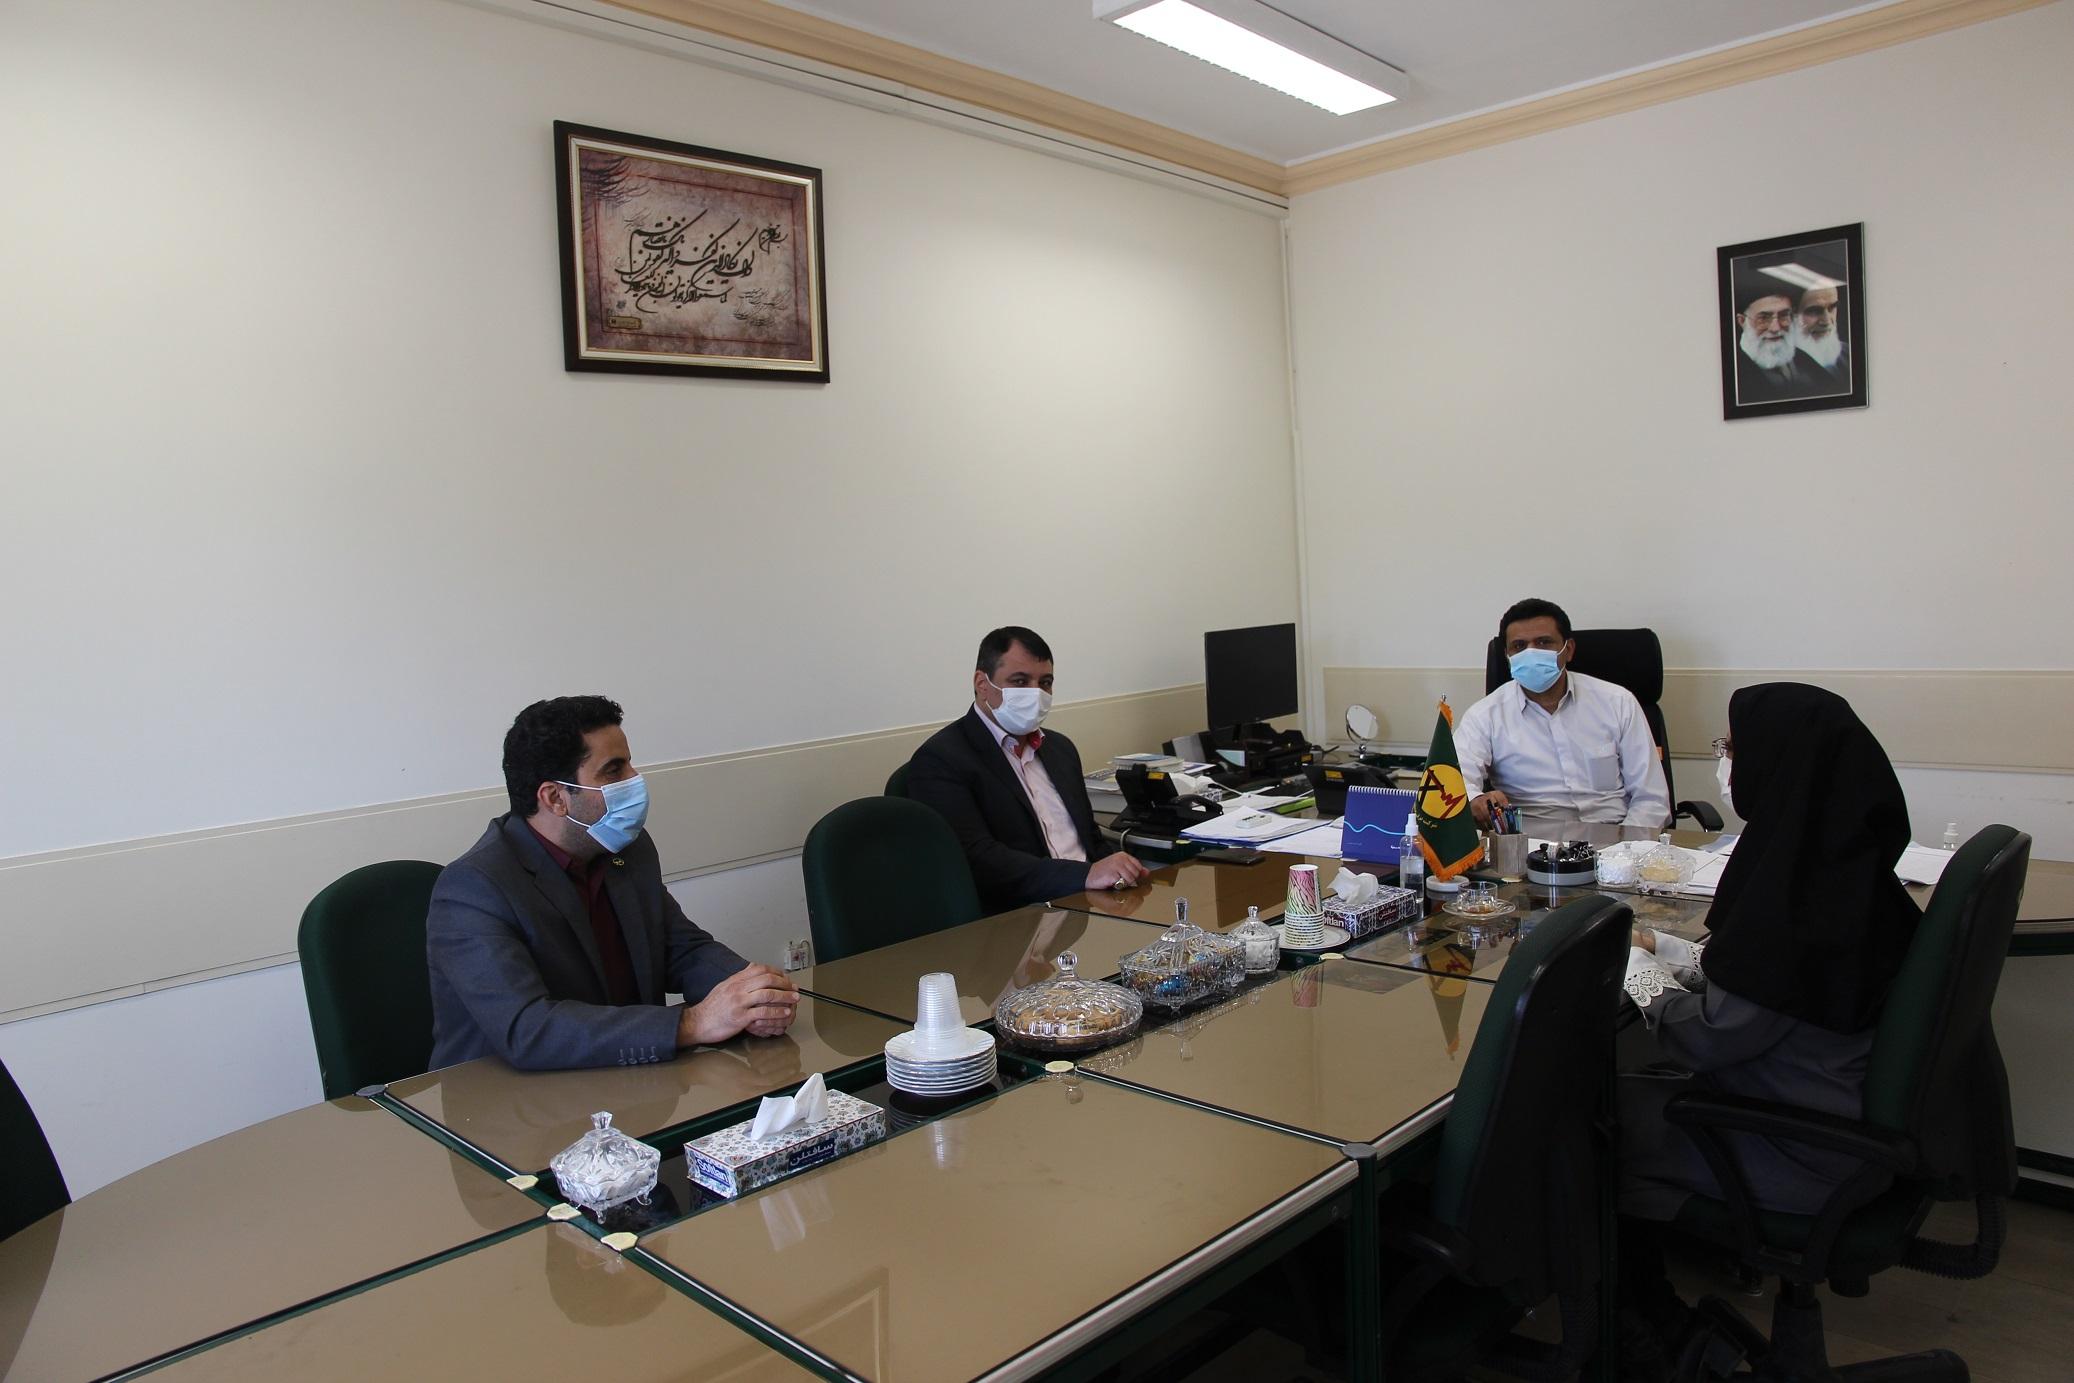 تجلیل از همکار روشندل برق منطقهای یزد